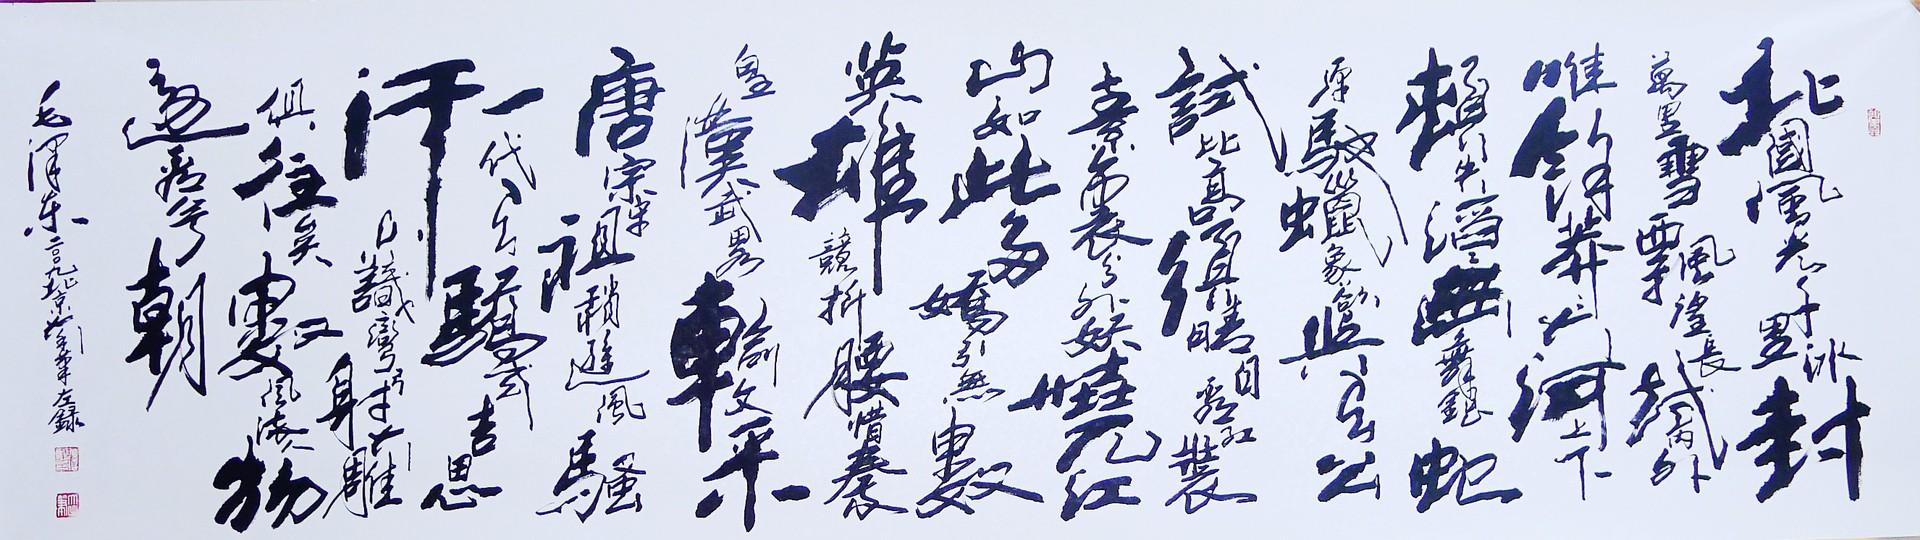 名家字画 胡峻峰 沁园春雪 书法 精选图片图片